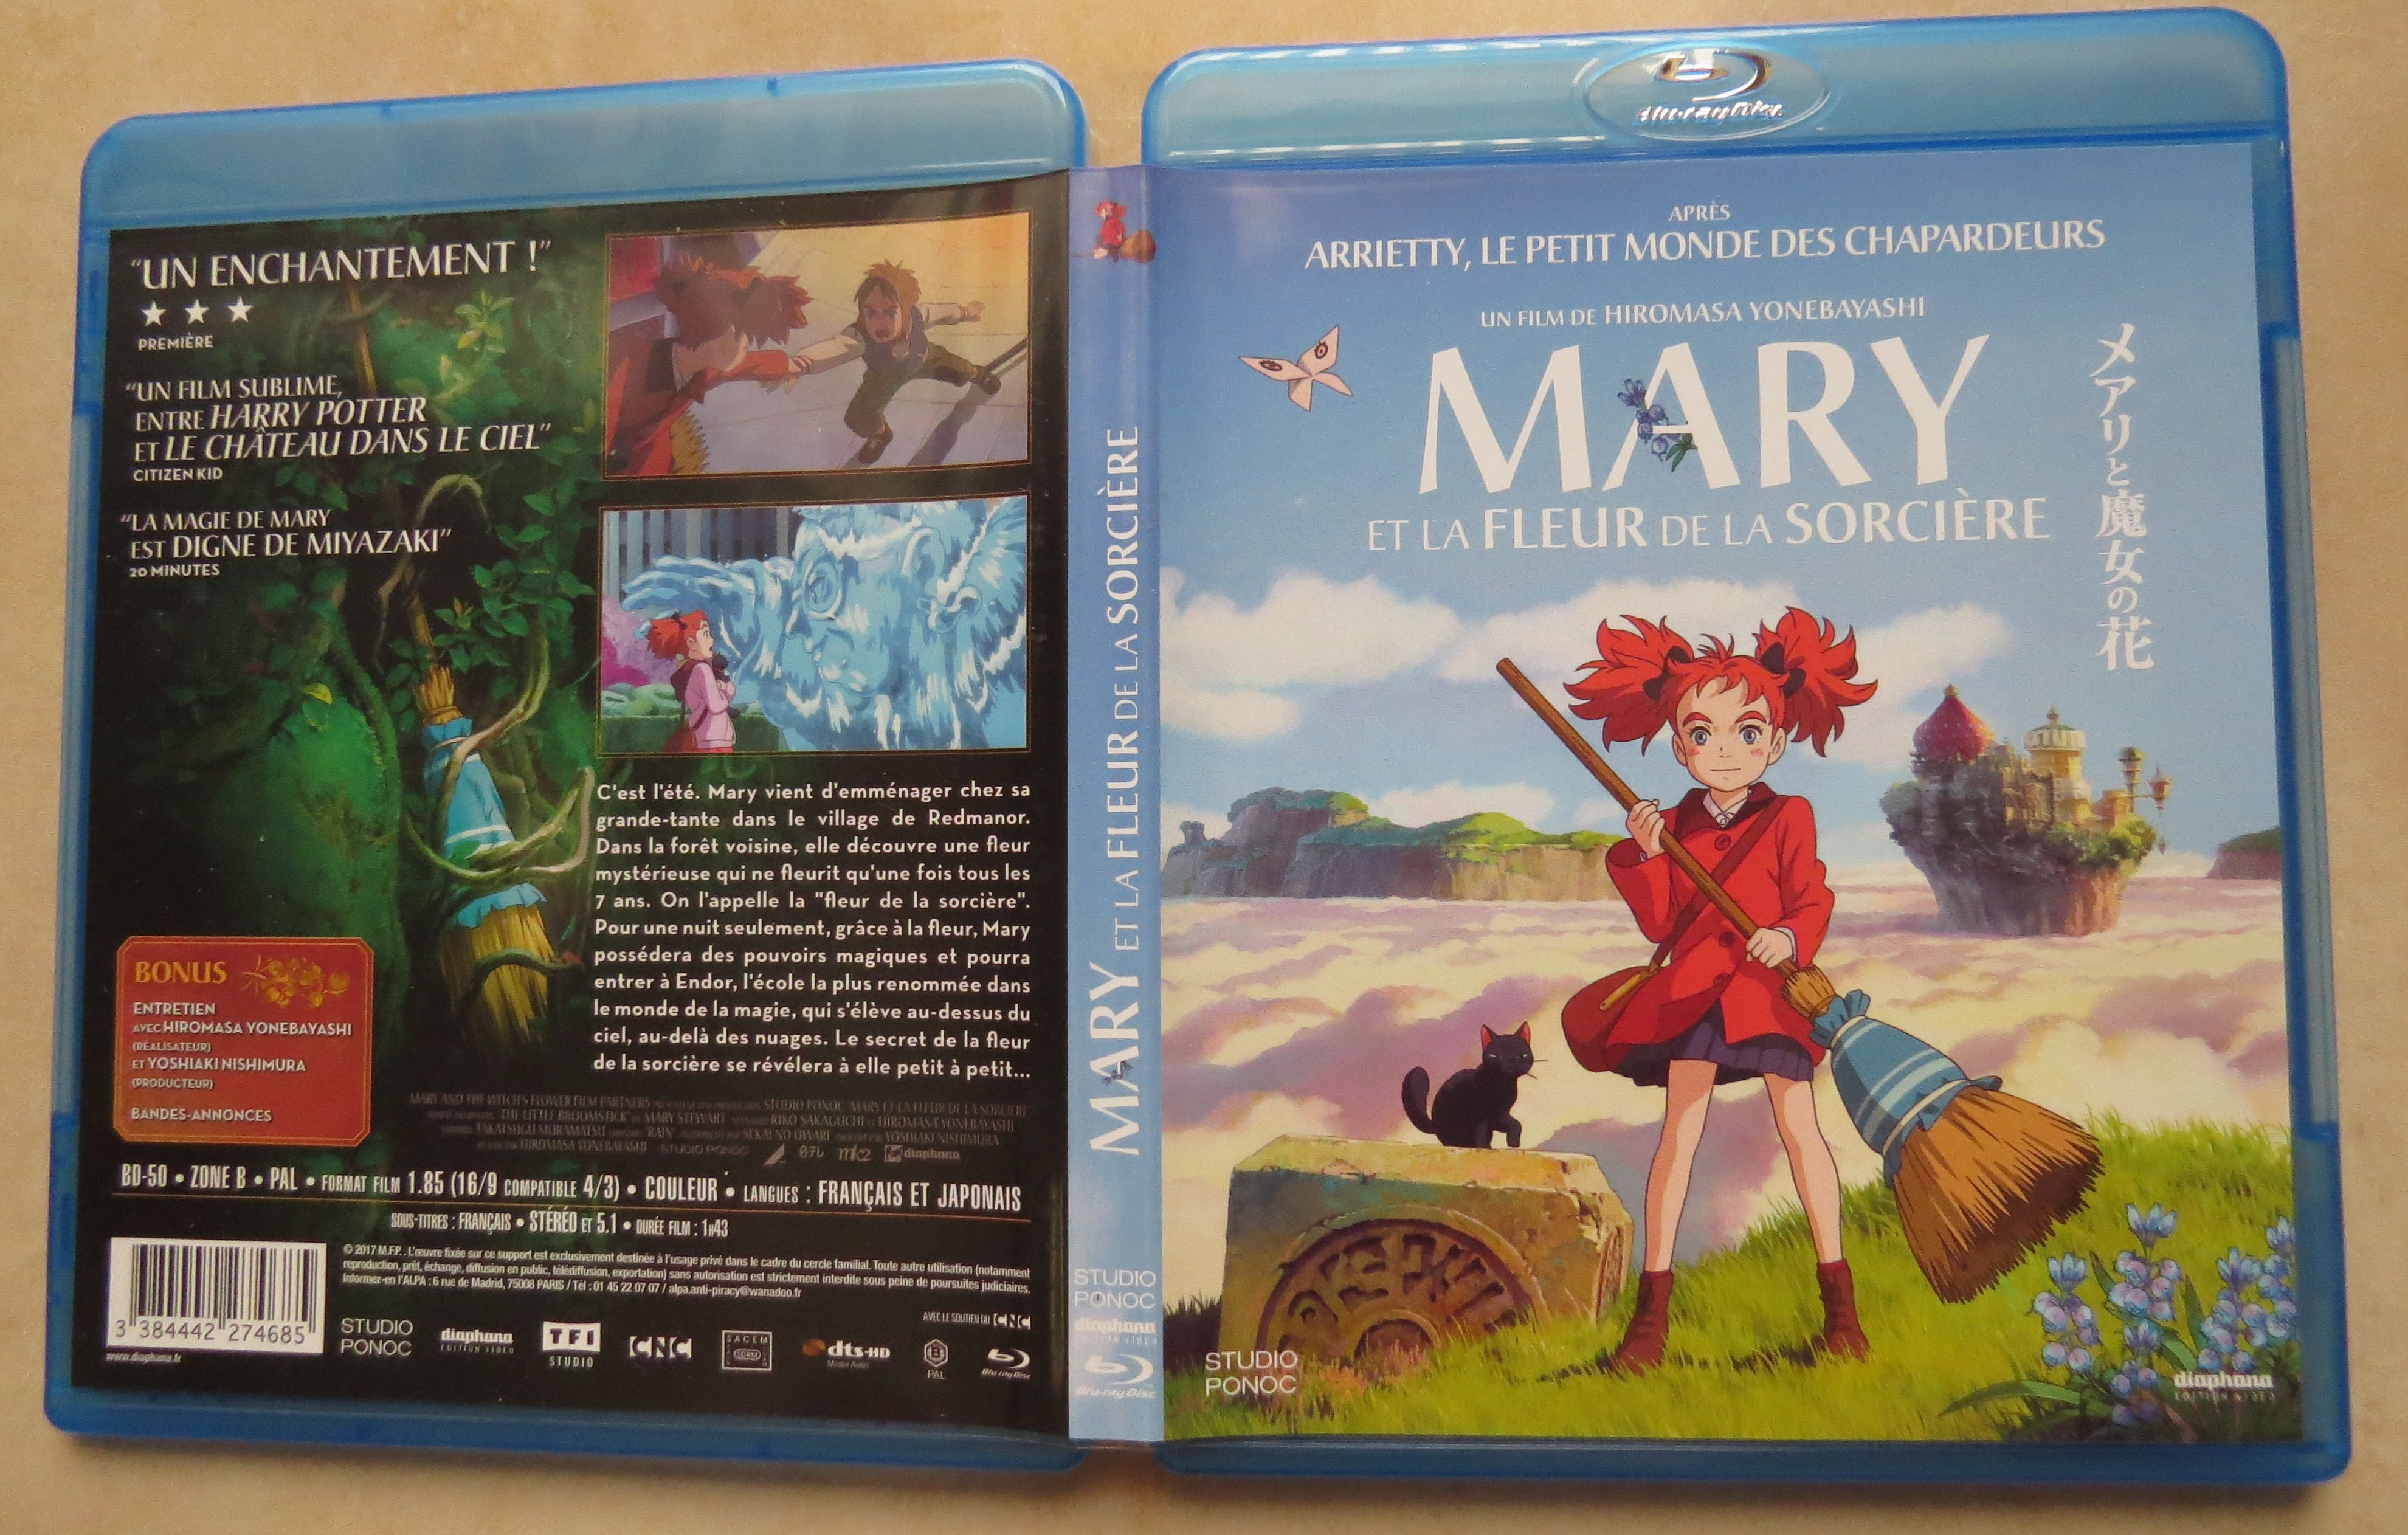 Test Blu-ray du film Mary et la fleur de la sorcière